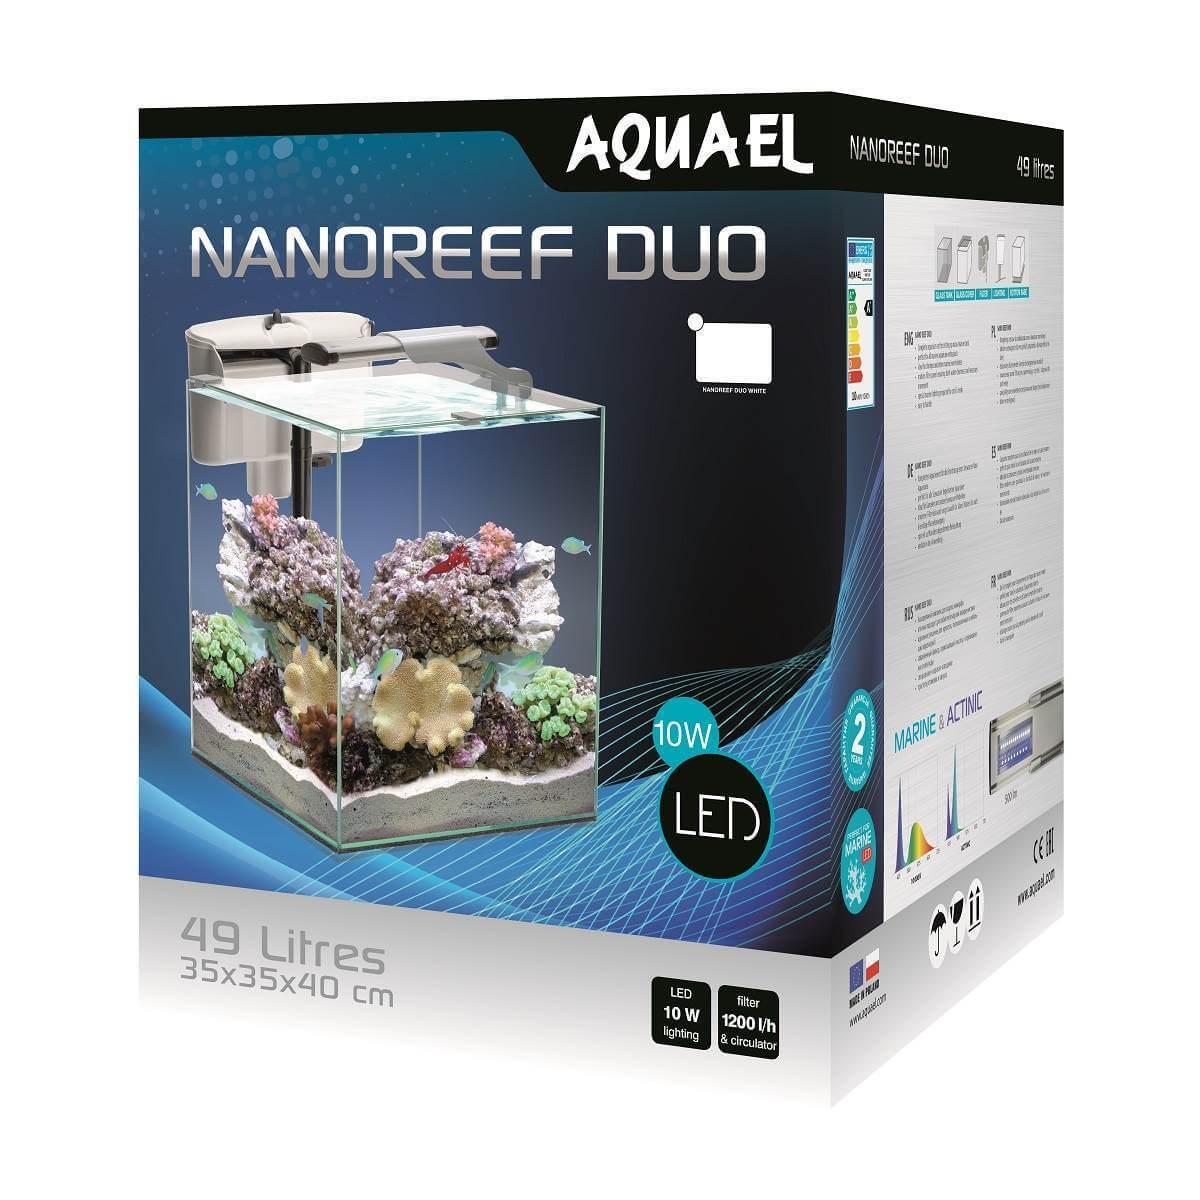 nano reef duo aquael